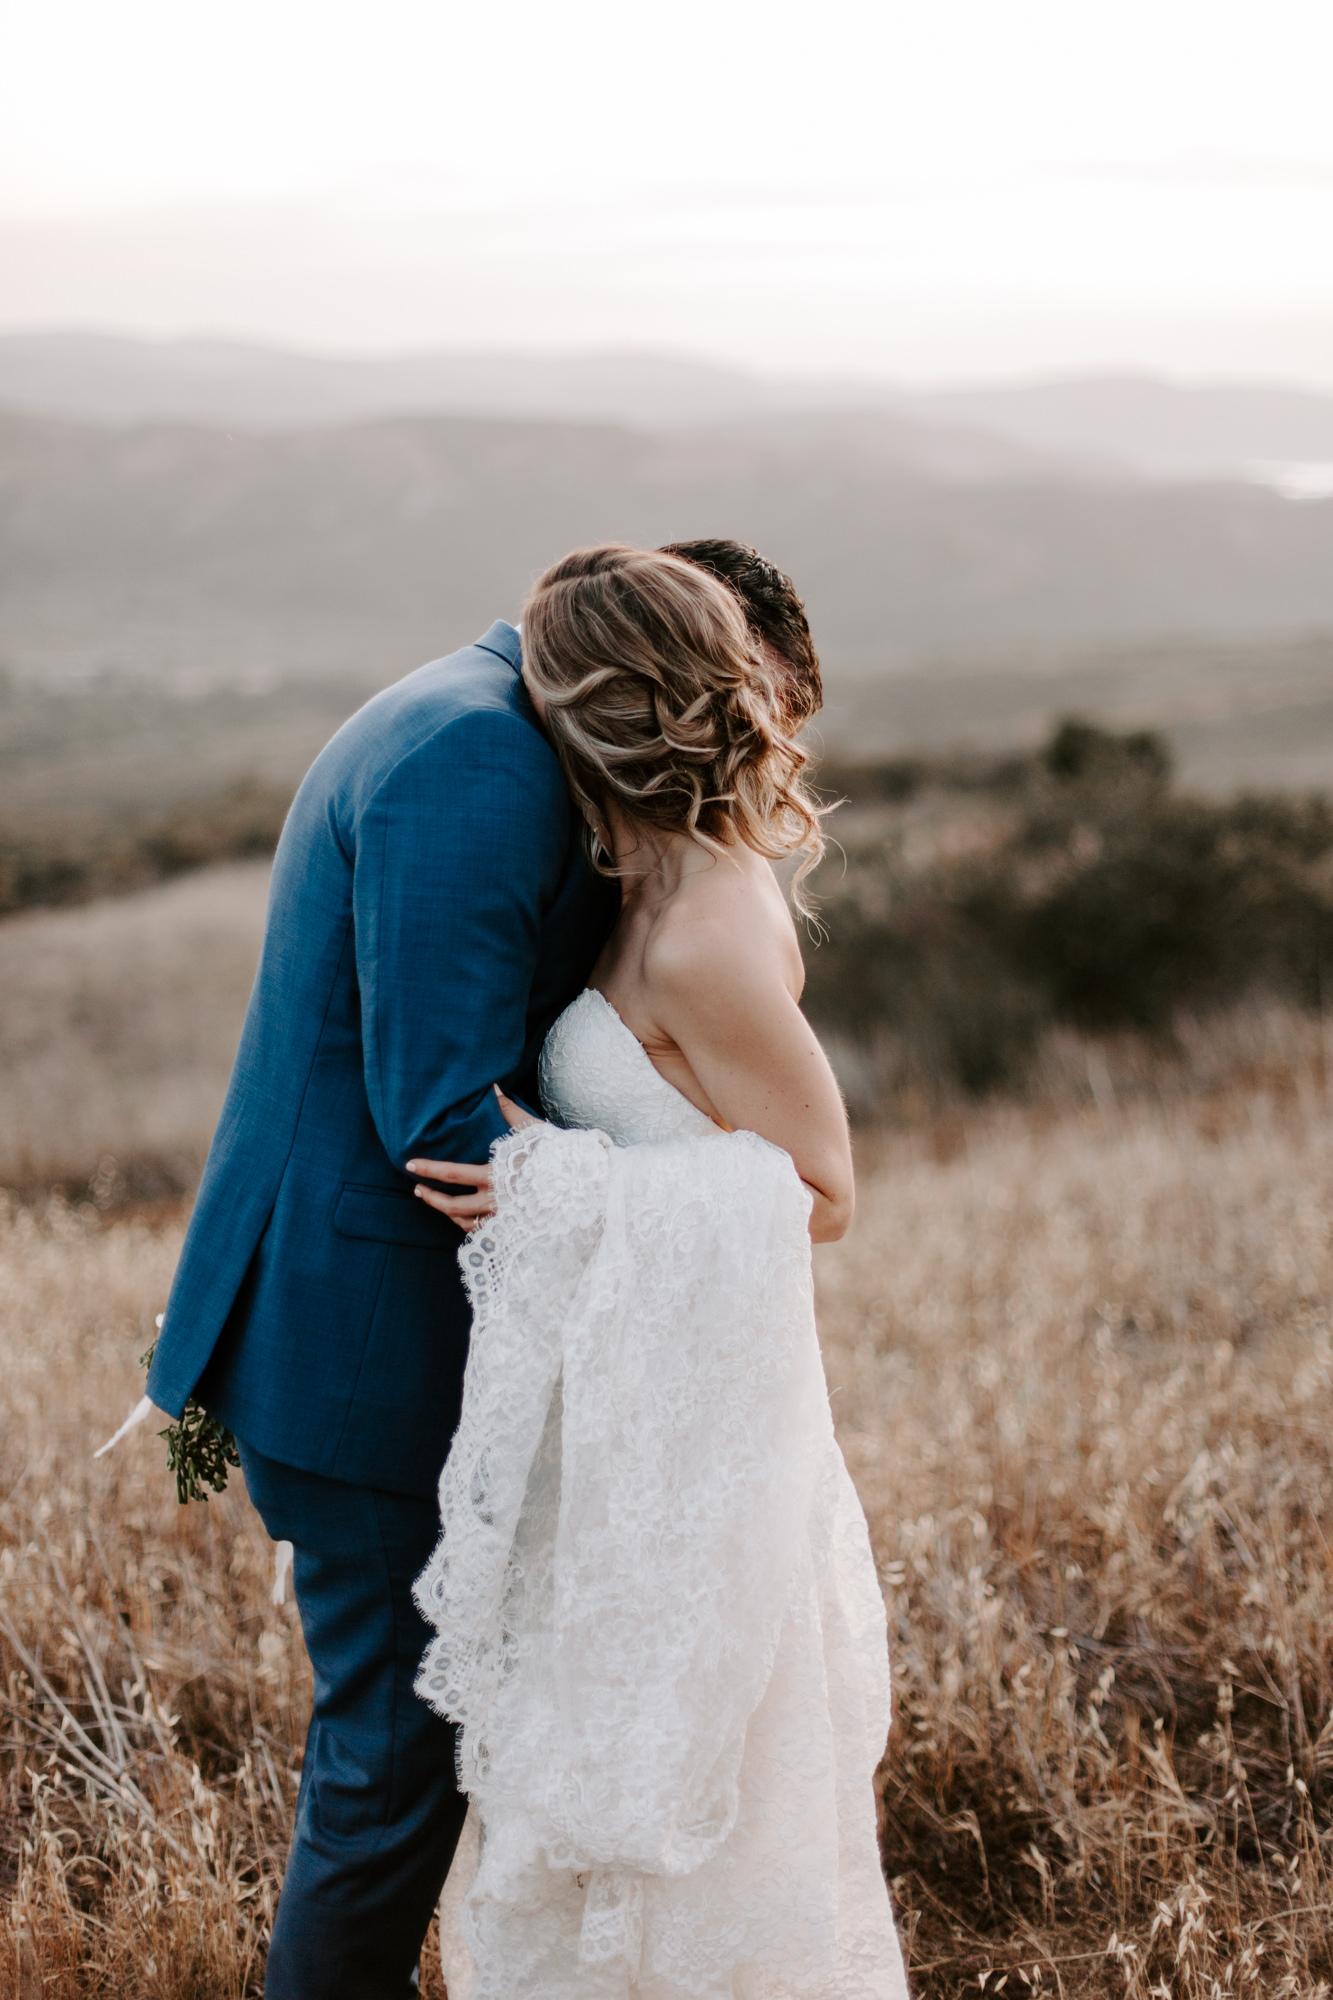 San Diego Wedding photography in Silverado Backyard Wedding075.jpg